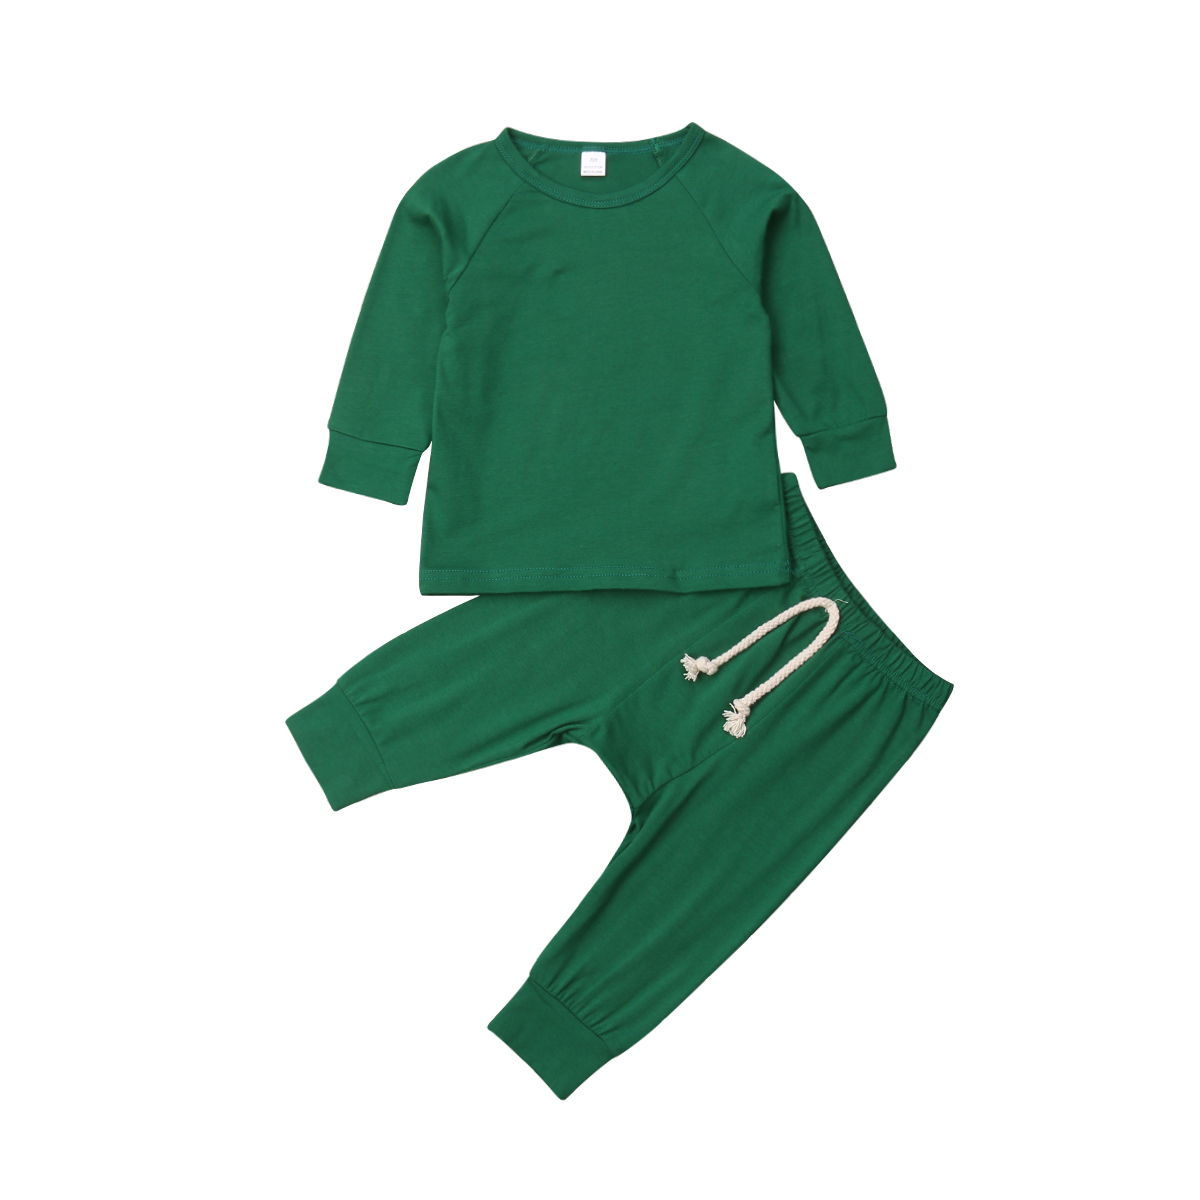 Хлопковый пижамный комплект с длинными рукавами для новорожденных мальчиков и девочек от 0 до 24 месяцев, одежда для сна, одежда для сна, топы и штаны, комплекты одежды для малышей из 2 предметов - Цвет: Зеленый